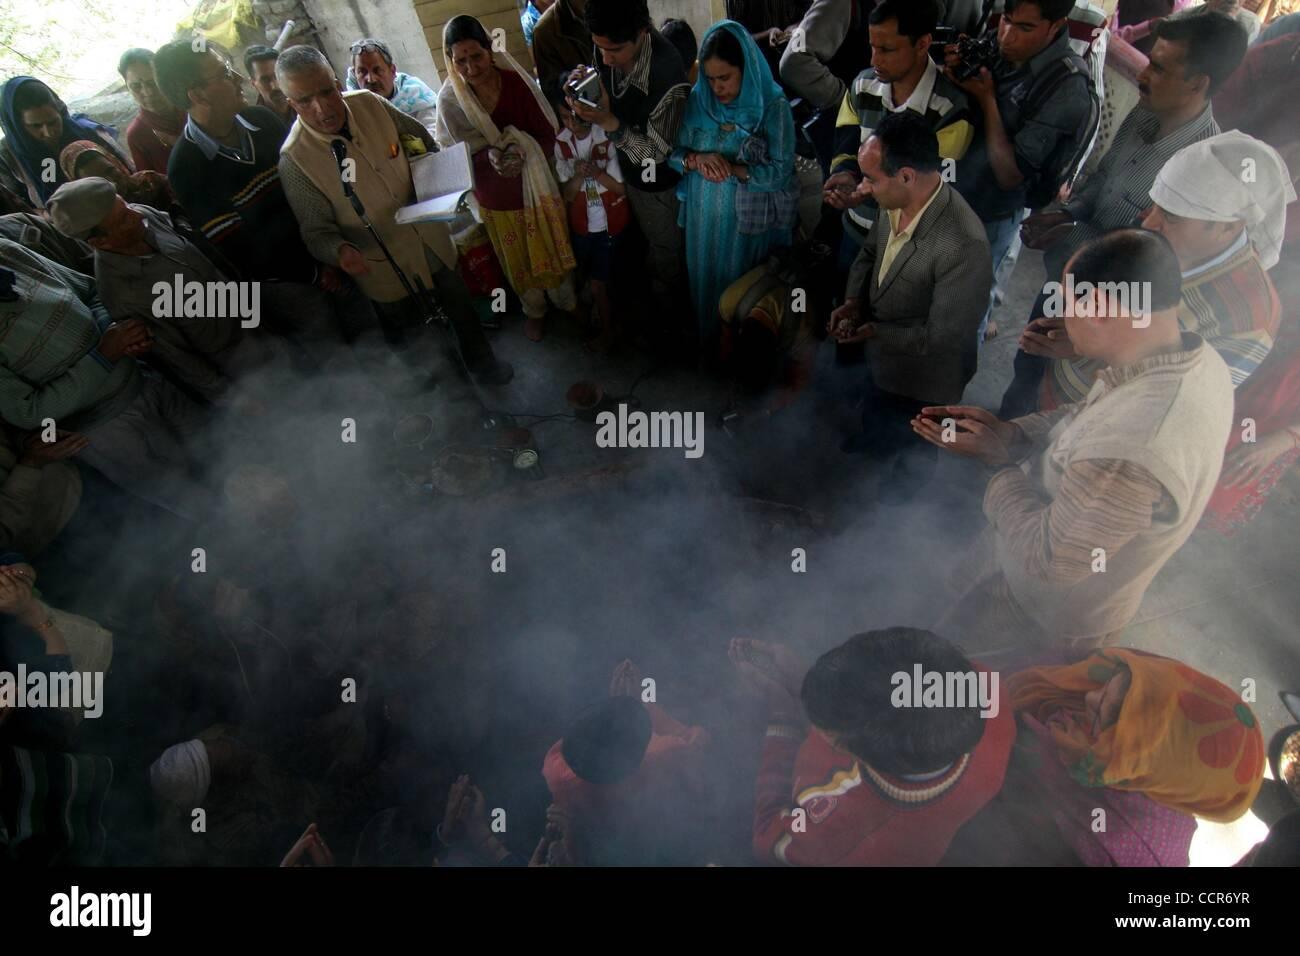 Mar 24, 2010 - Srinagar, Kashmir, India - Kashmiri Pandits worship inside a Ram temple during Ramnavmi in Srinagar, Stock Photo